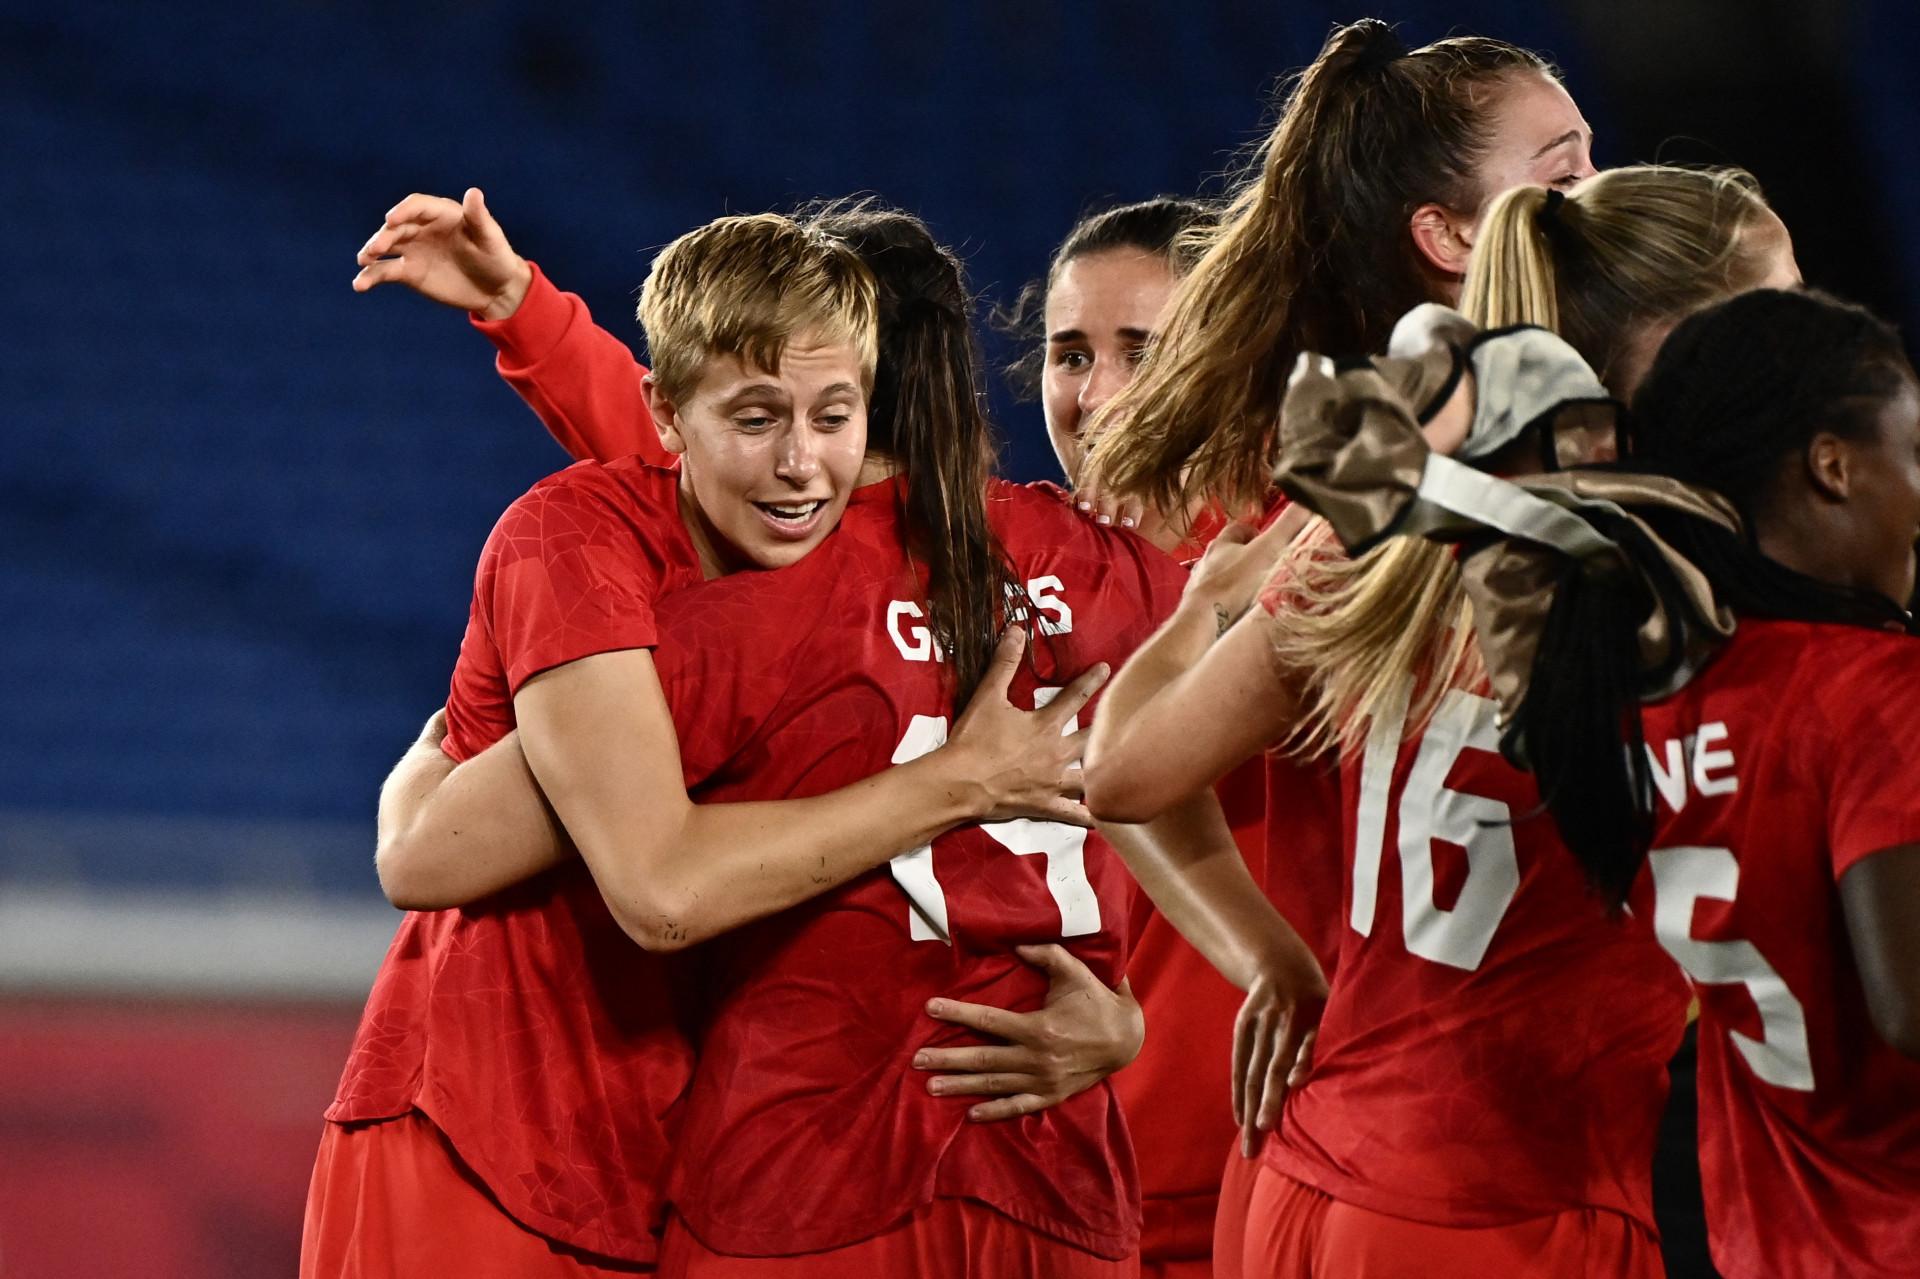 Quinn, ouro com a seleção feminina de futebol do Canadá nas Olimpíadas de Tóquio, foi a primeira atleta trans medalhista olímpica (Jeff PACHOUD / AFP)  (Foto: Jeff PACHOUD / AFP)